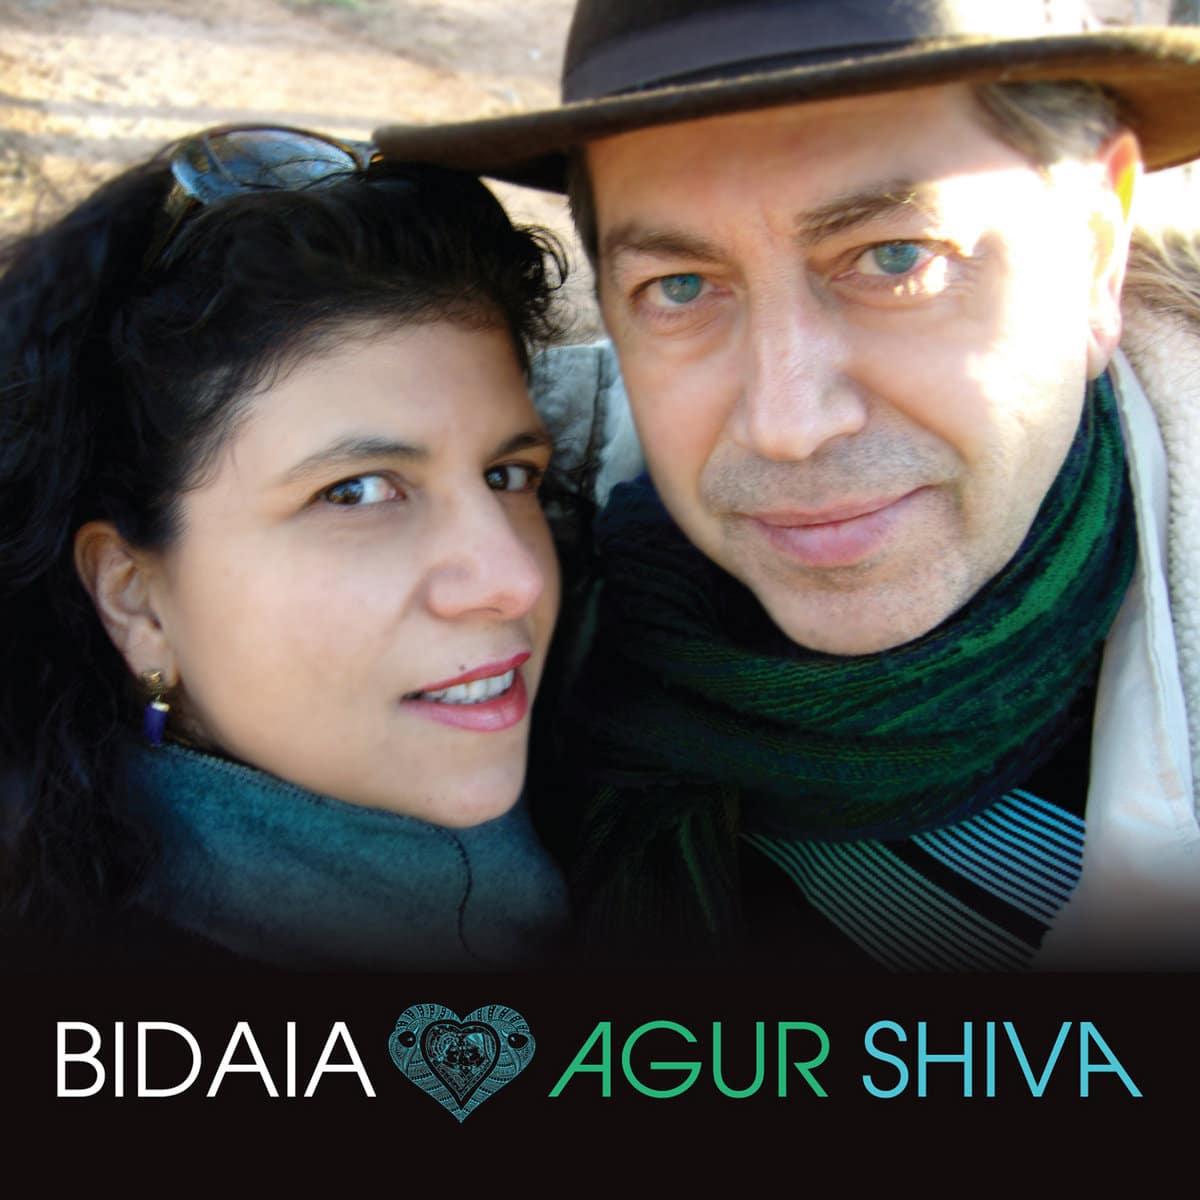 Bidaia - Agur Shiva